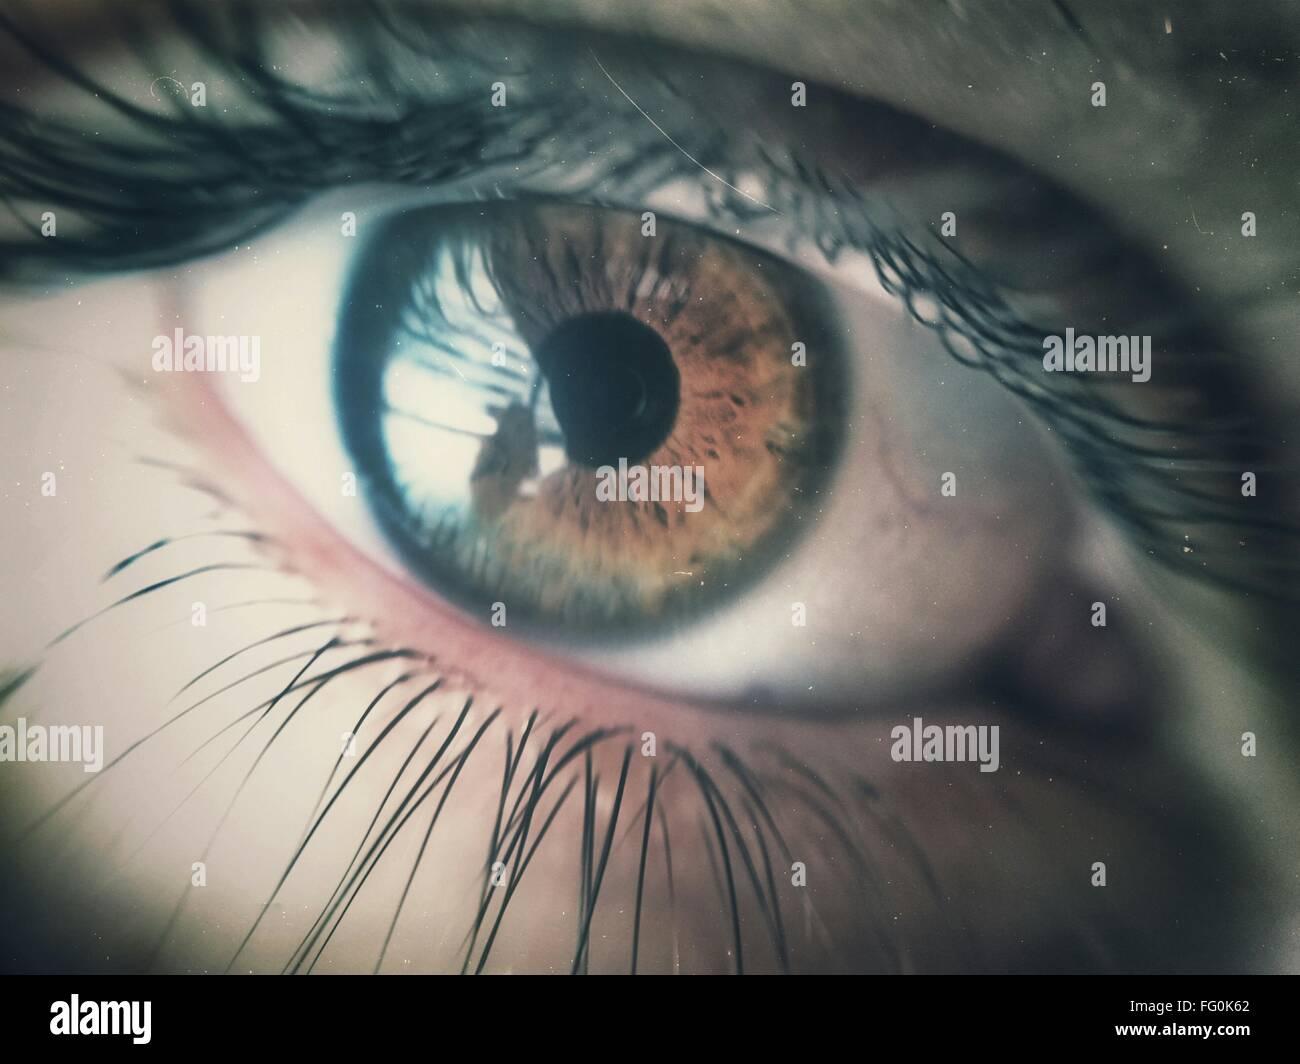 Extreme Nahaufnahme des menschlichen Auges Stockbild